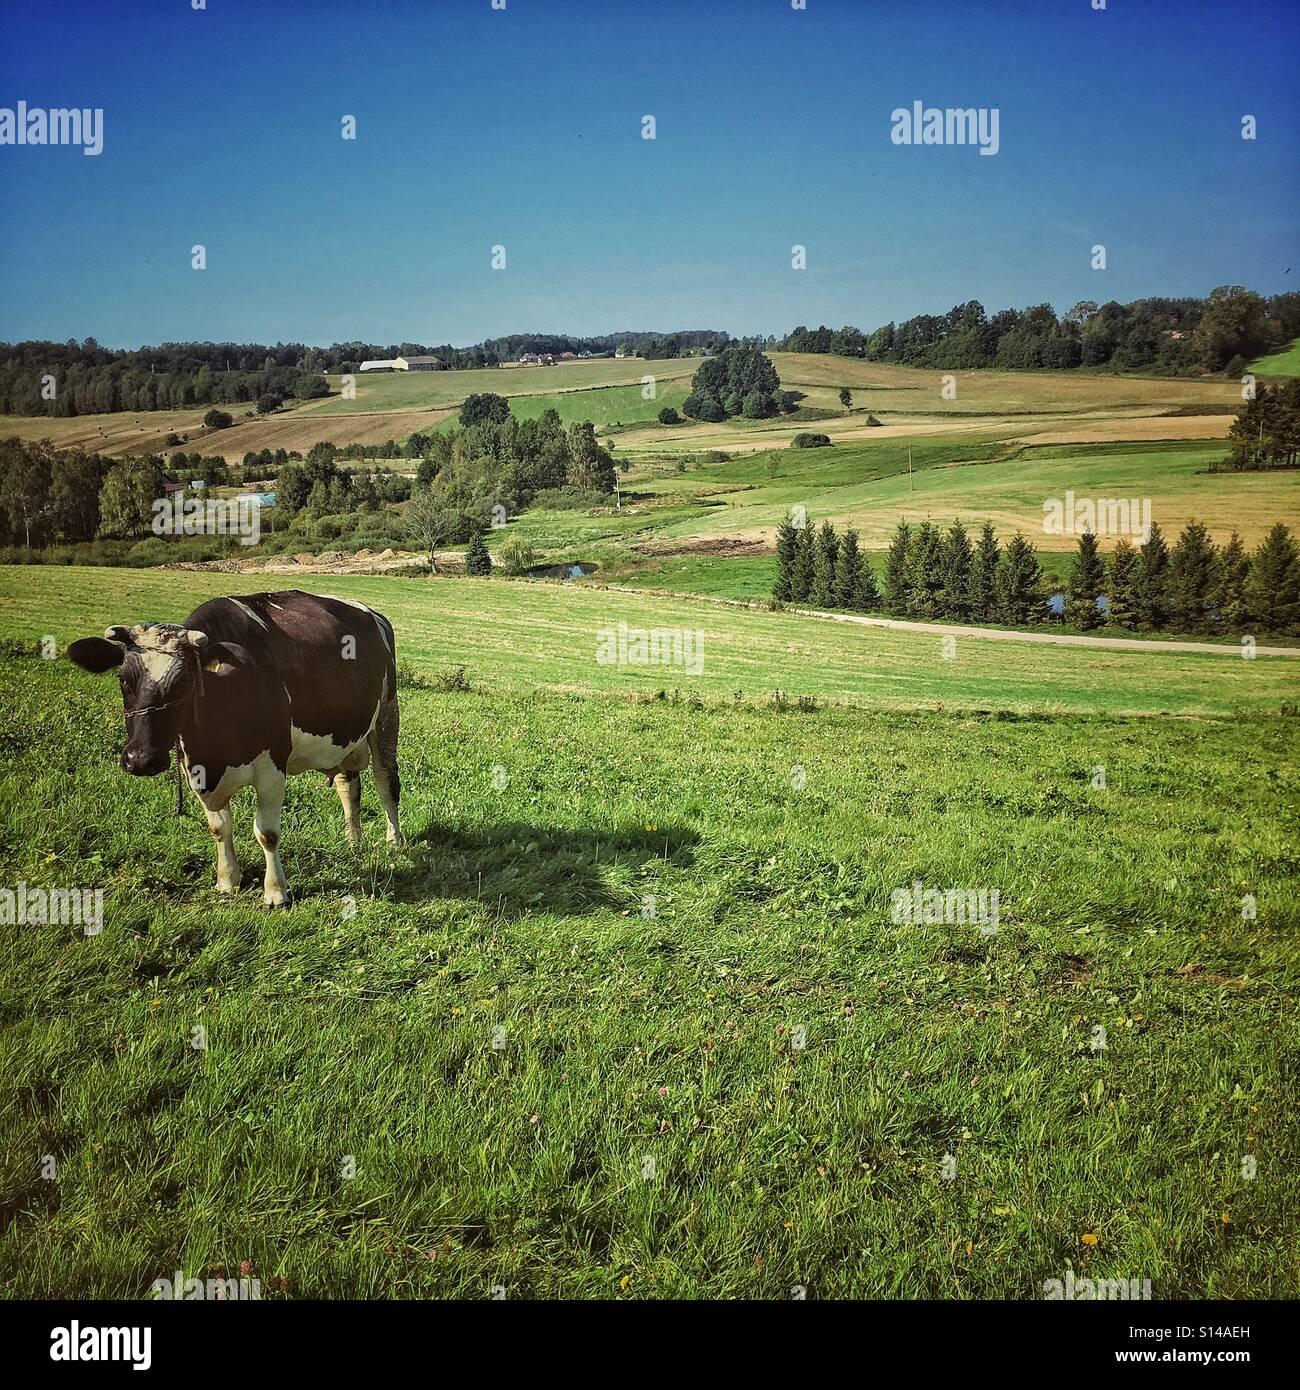 Cow on pastureland. Kashubia region in Poland - Stock Image